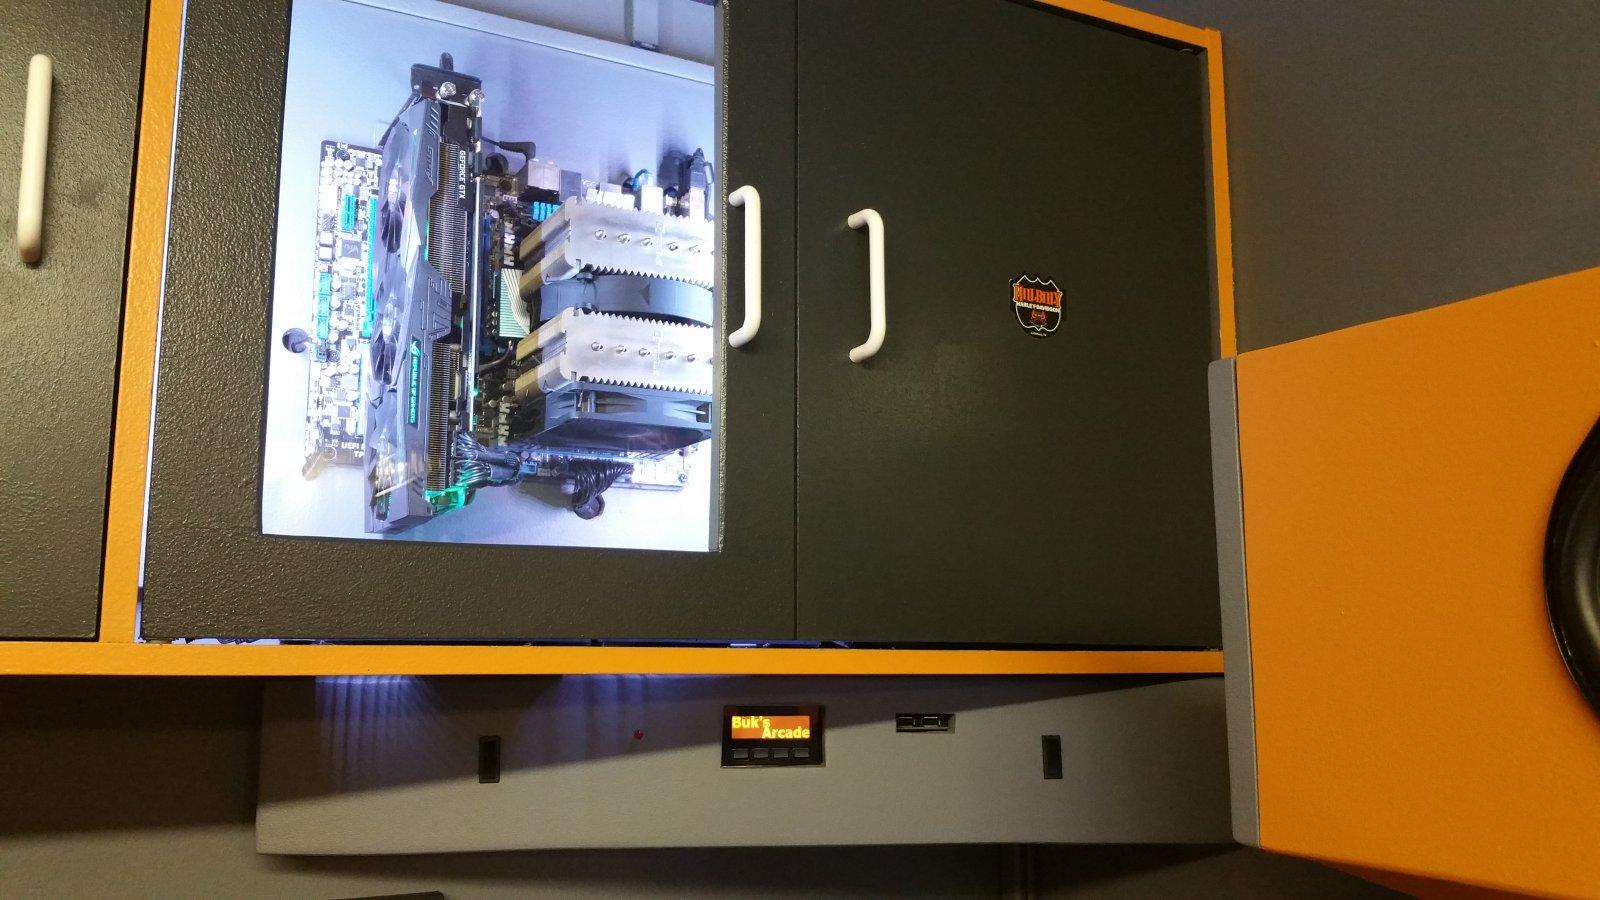 Buk355 Garage Arcade Updated